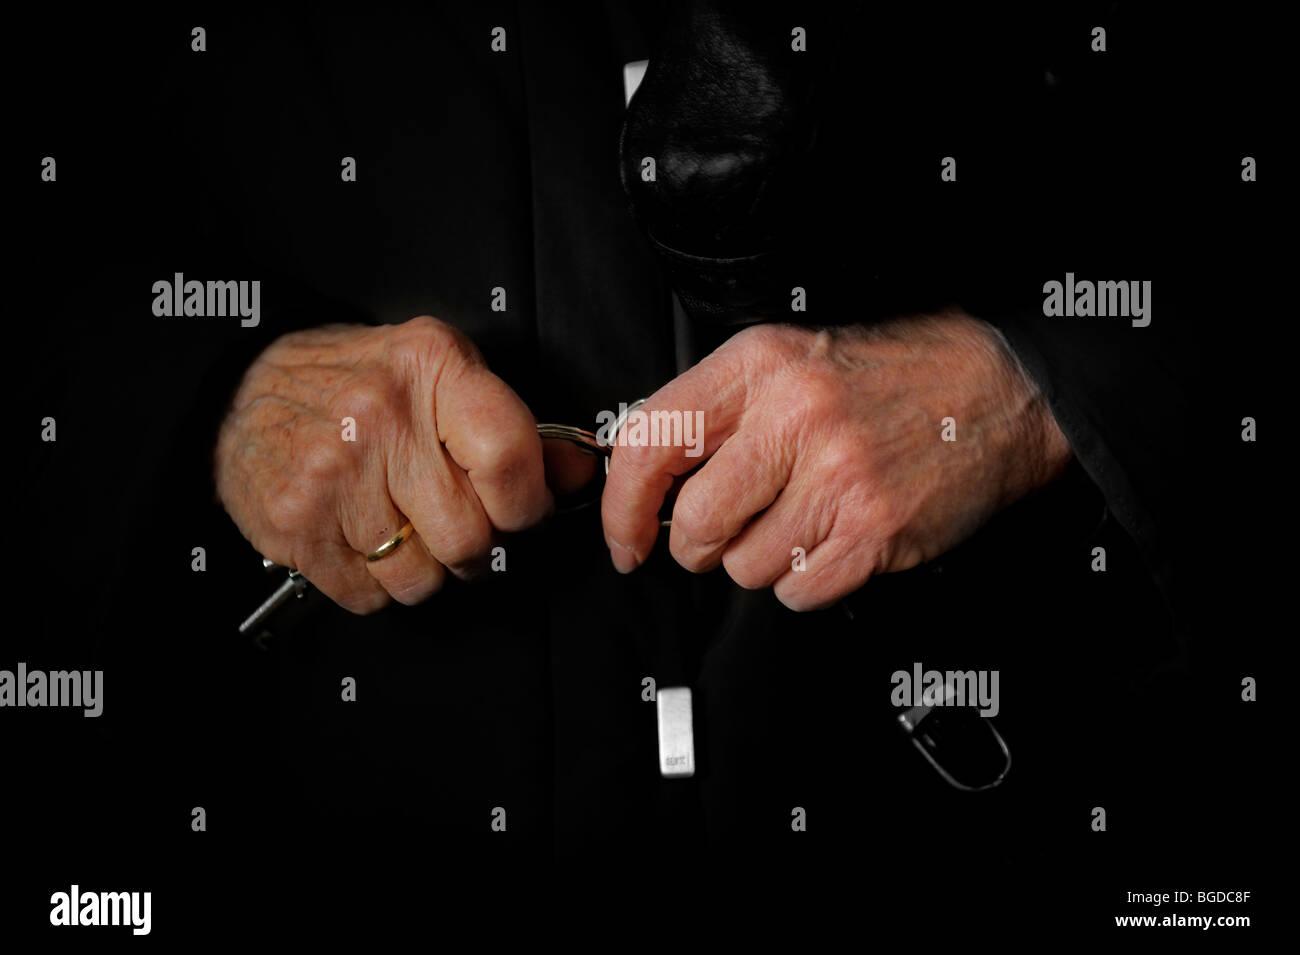 Alte Frau Hände mit Schlüssel Stockbild